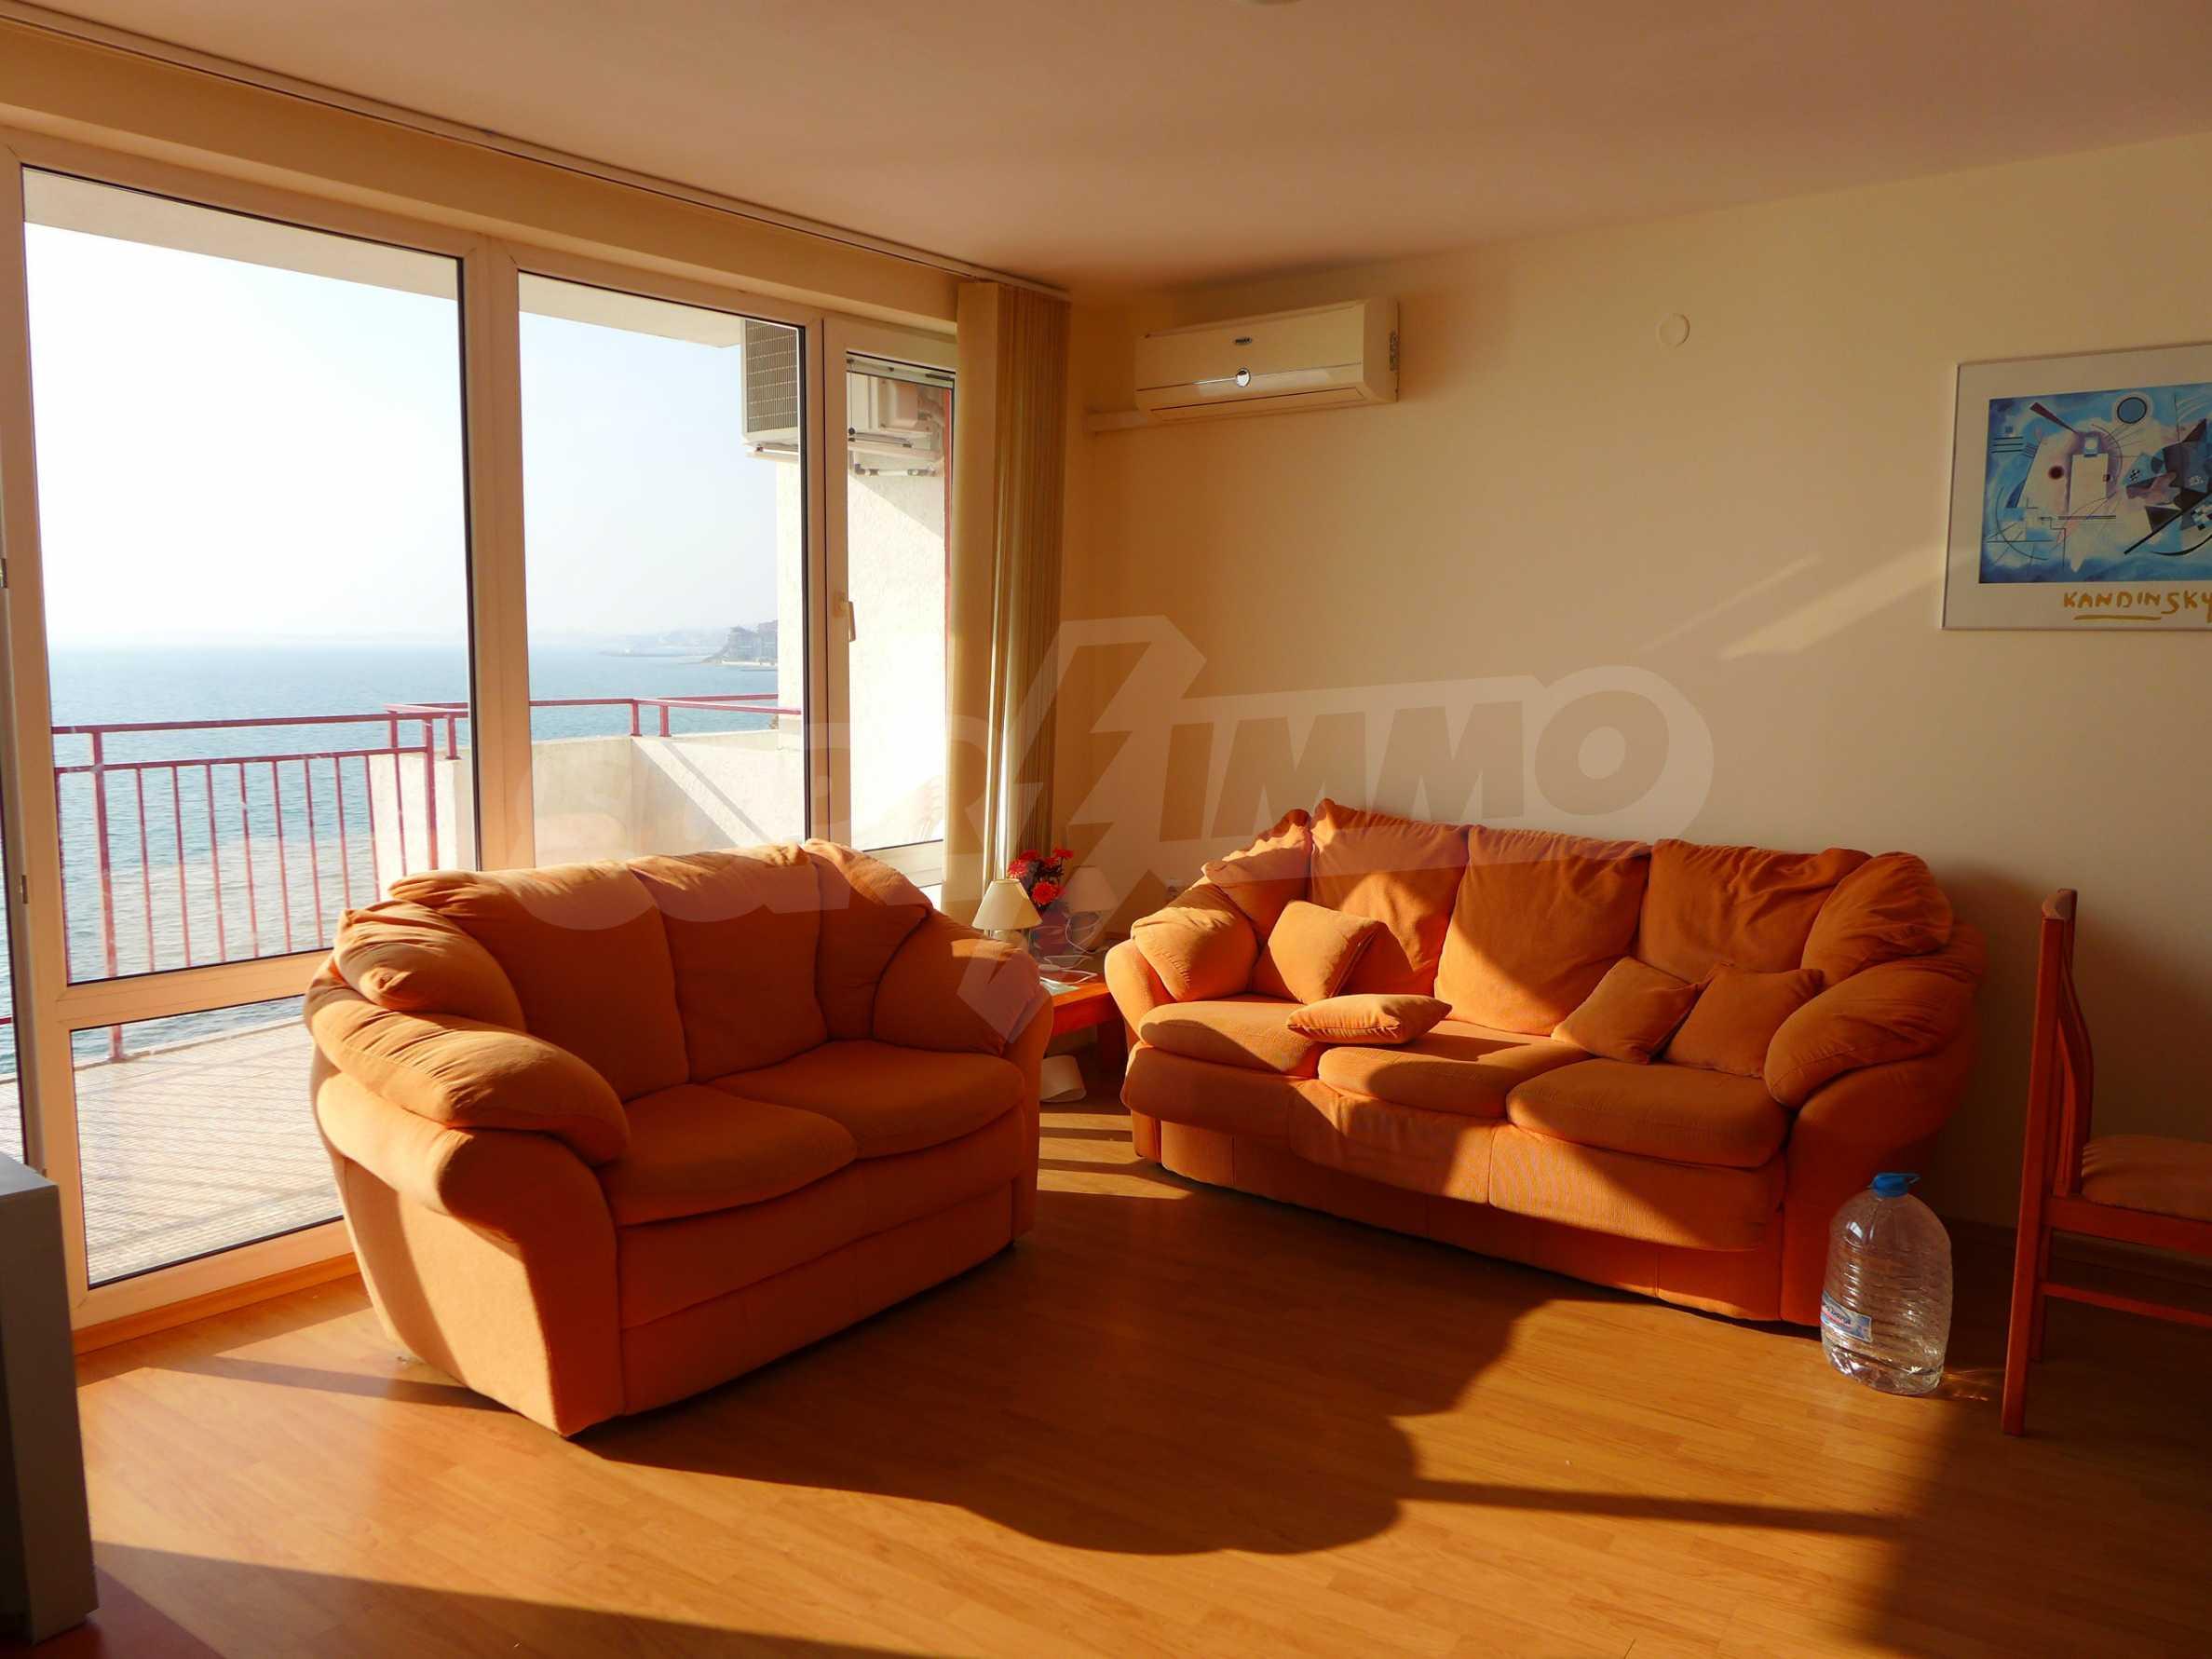 Ausgezeichnete Wohnung in erster Linie mit Meerblick 4